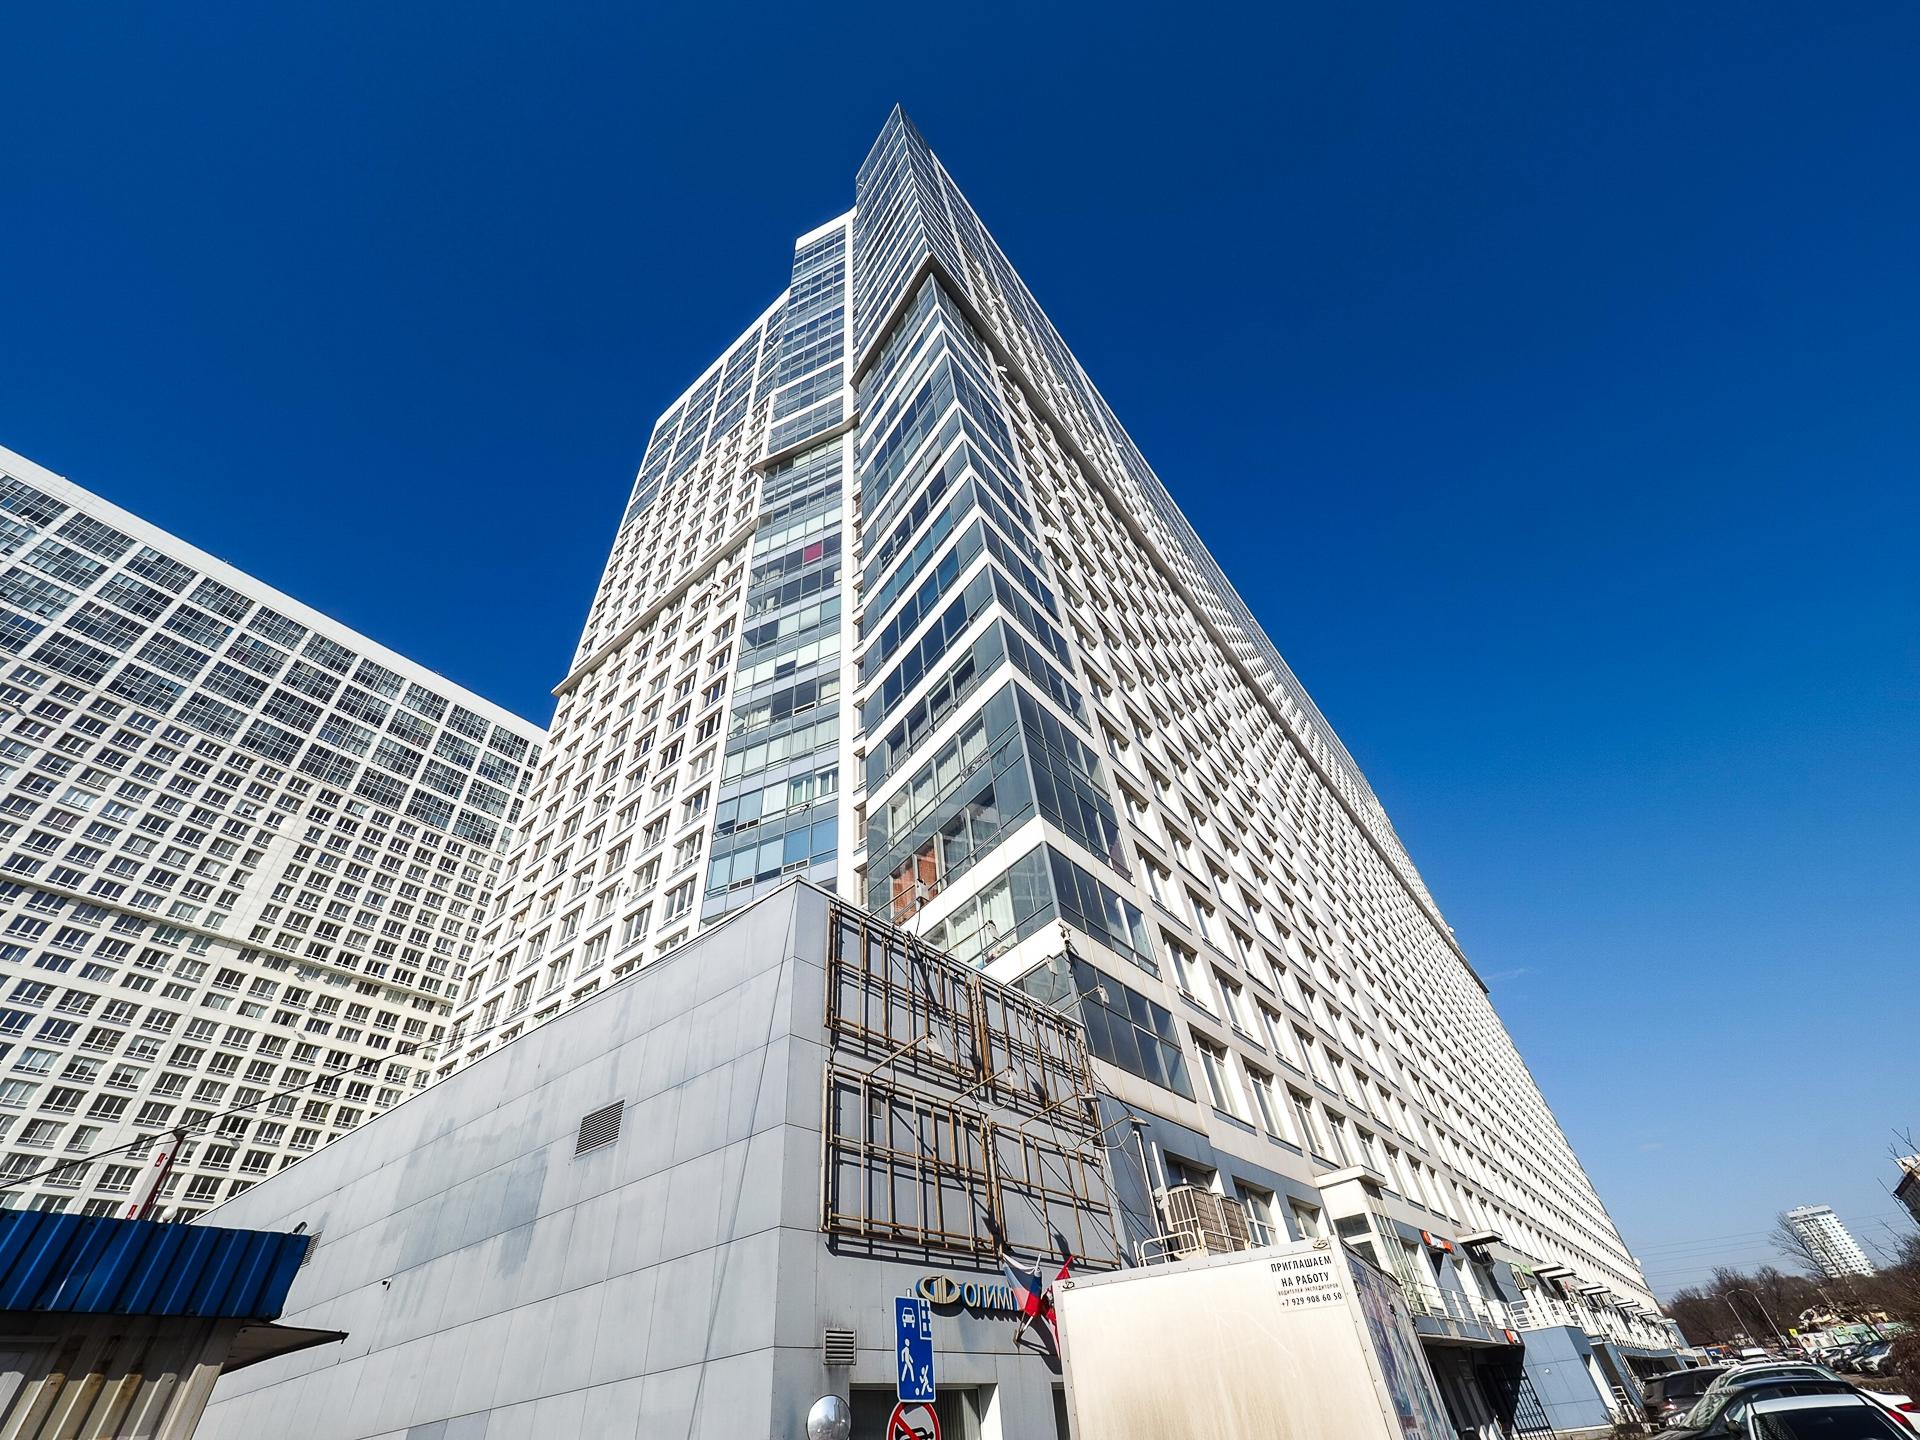 видовая квартира 22 этаж 100 Кв м 38